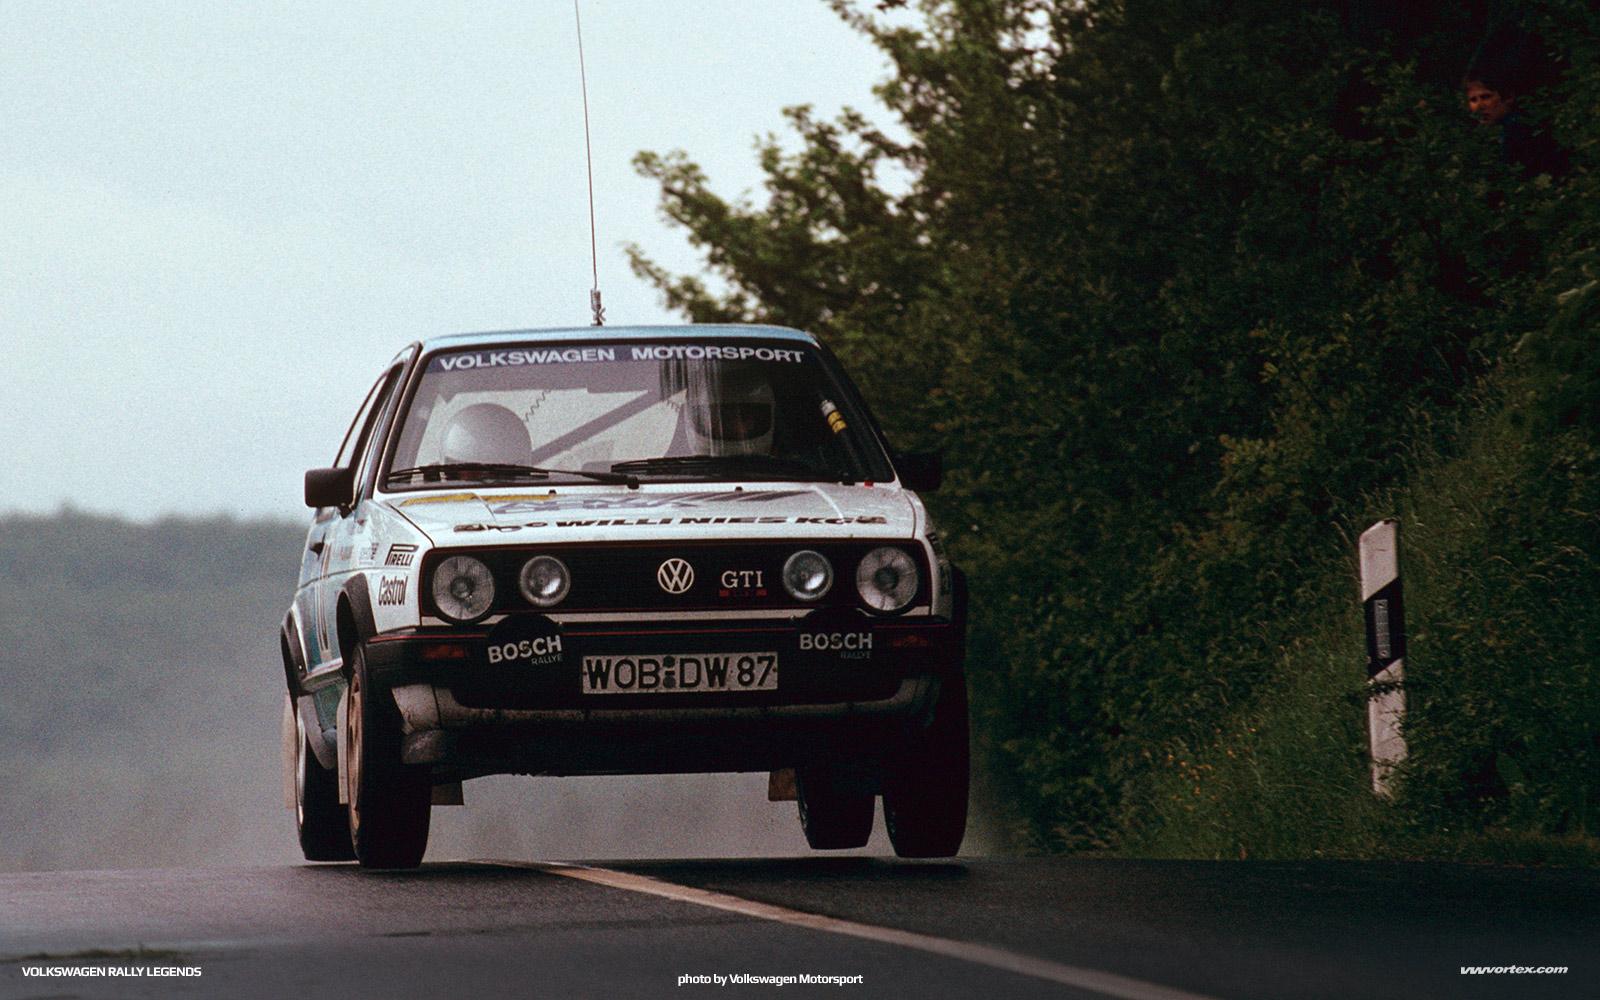 volkswagen-rally-legends-392